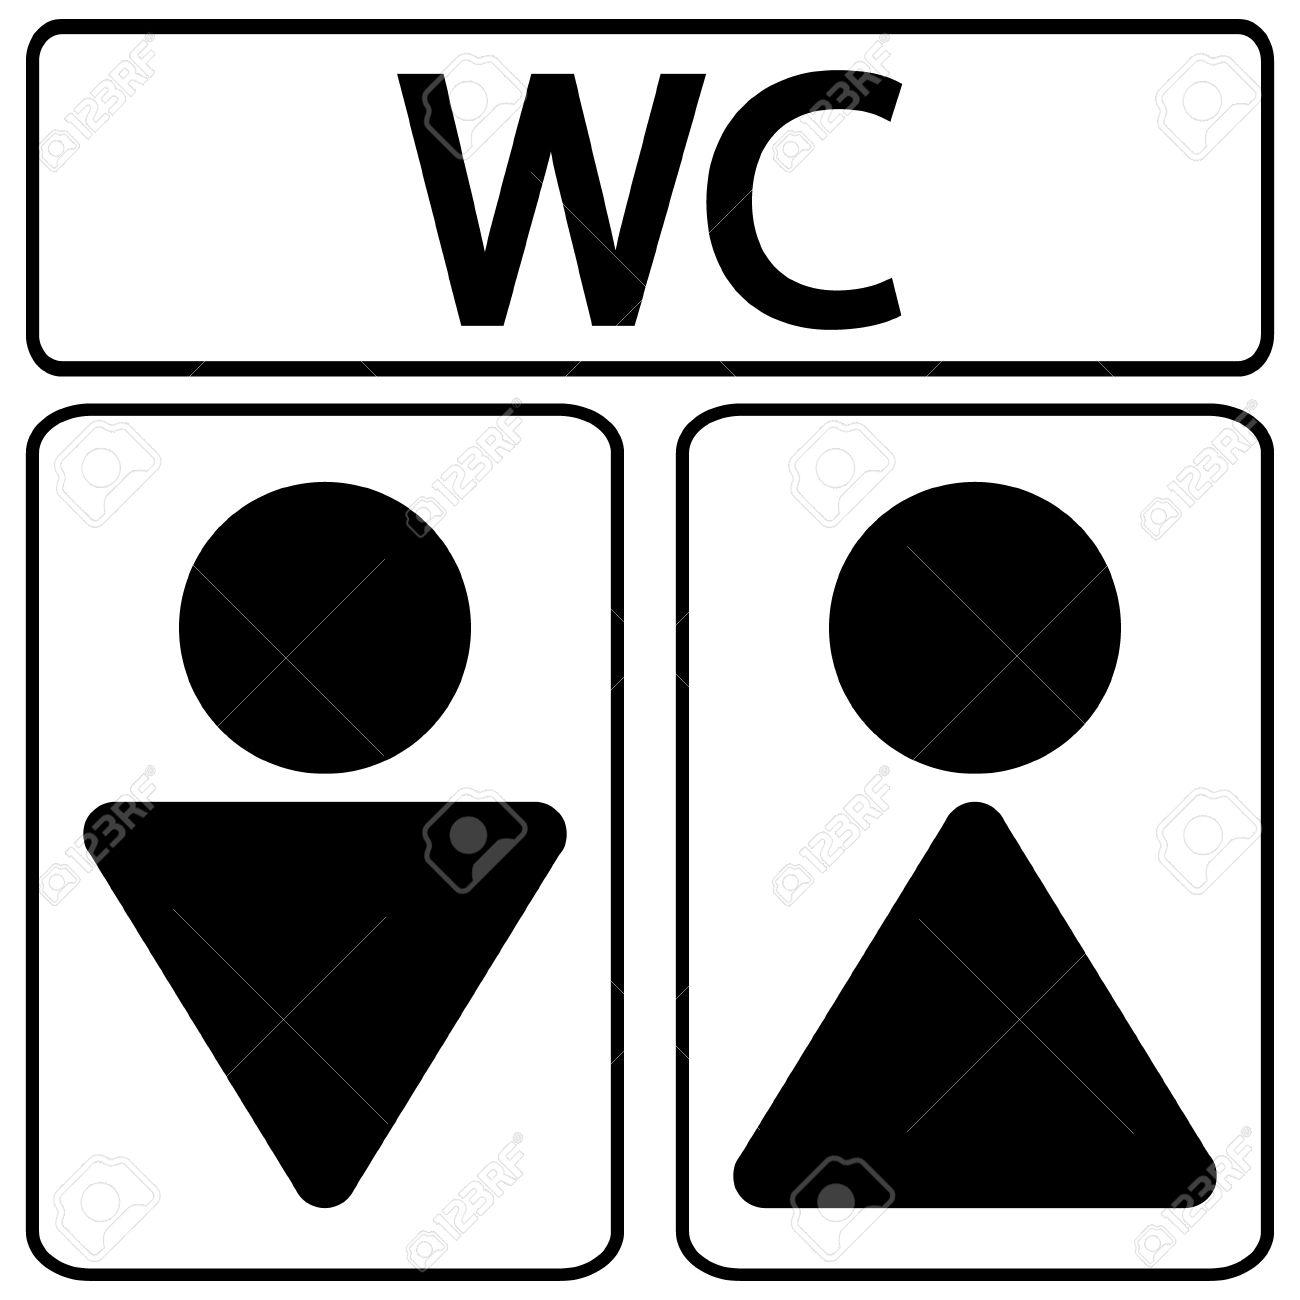 iconos del símbolo de los baños masculinos y femeninos